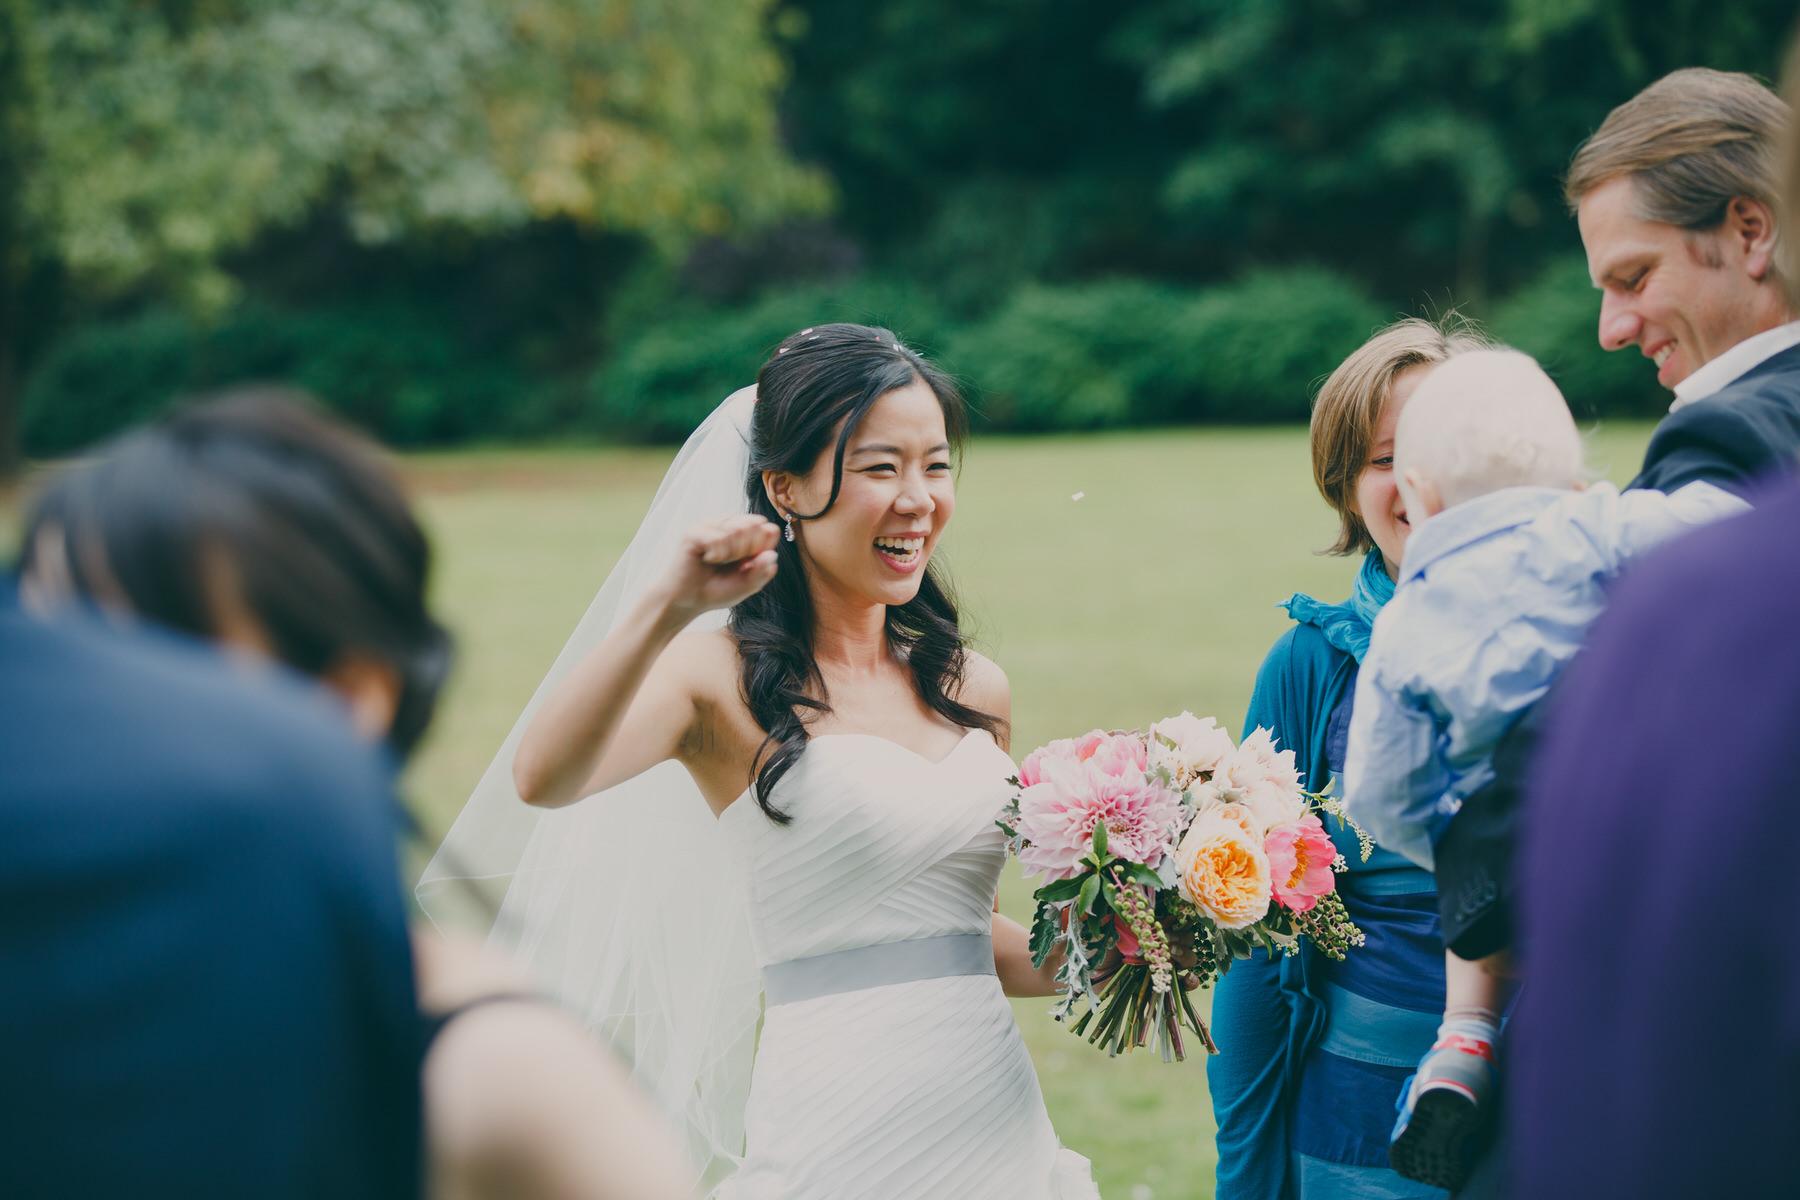 262 bride fist pumps  Surrey wedding reception reportage.jpg